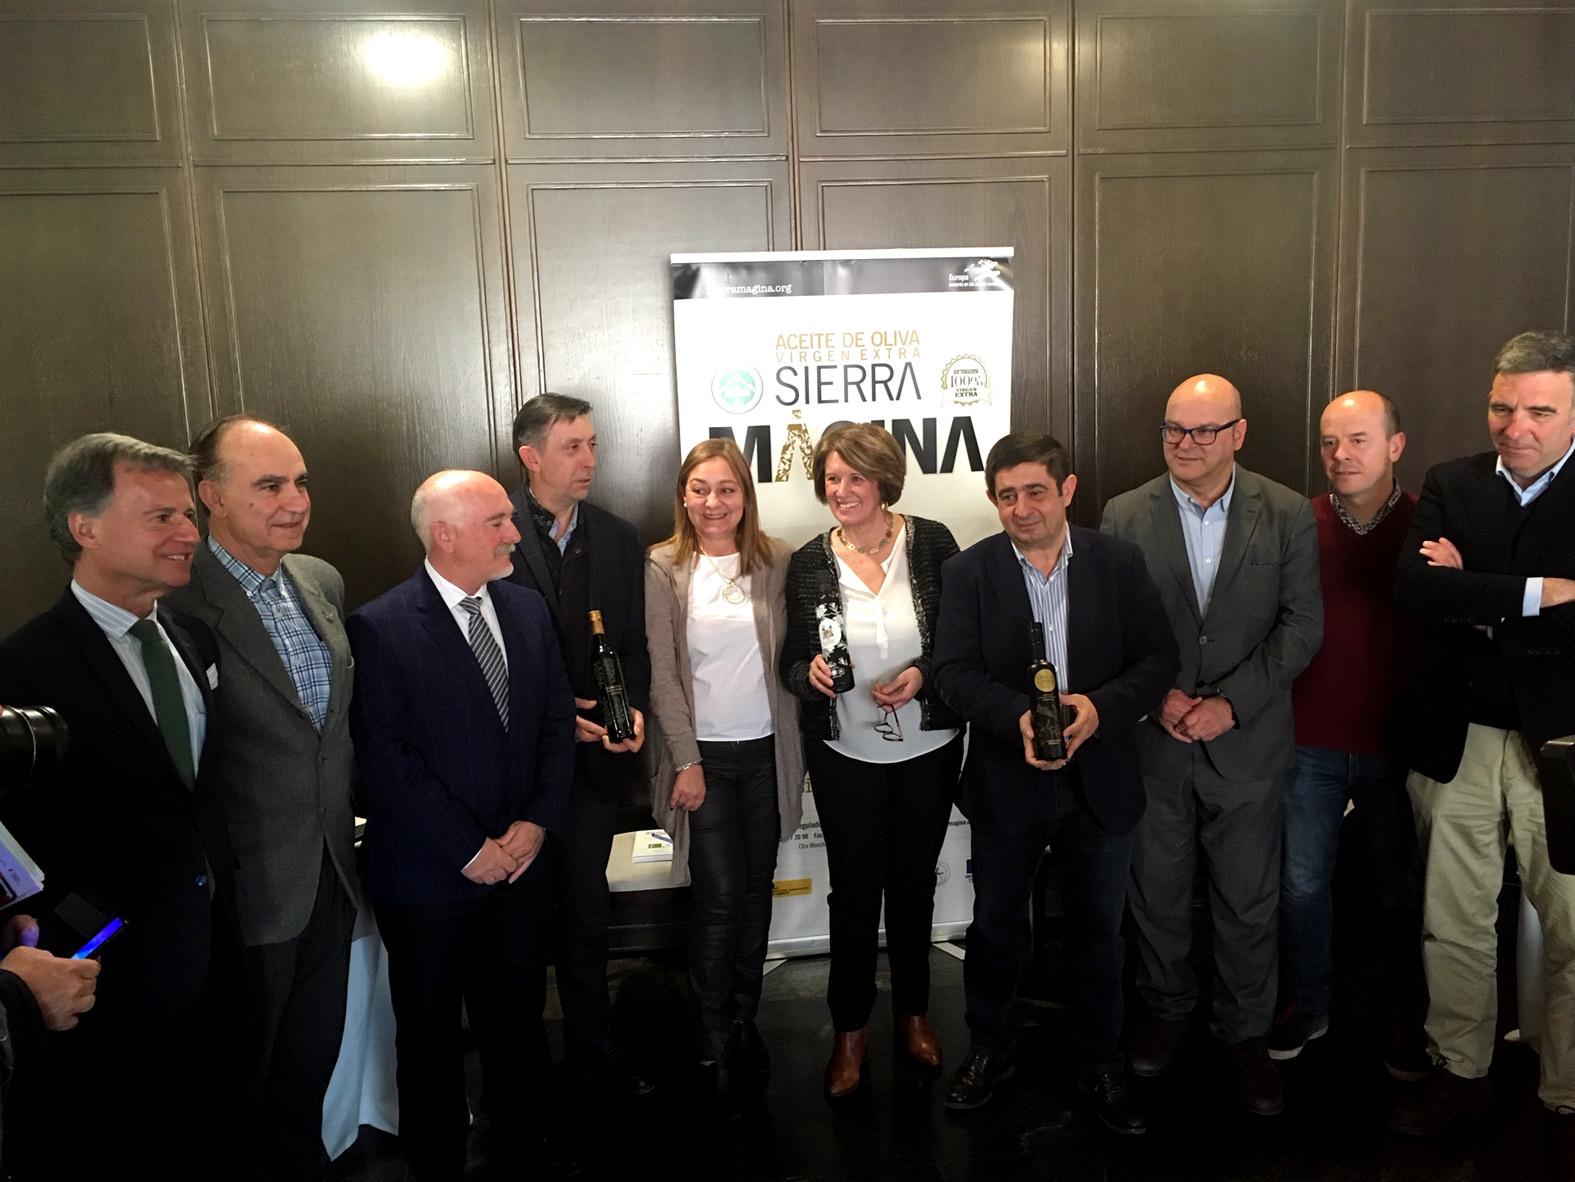 El presidente de la Diputación de Jaén Francisco Reyes en un reciente acto sobre aoves de Sierra Mágina.